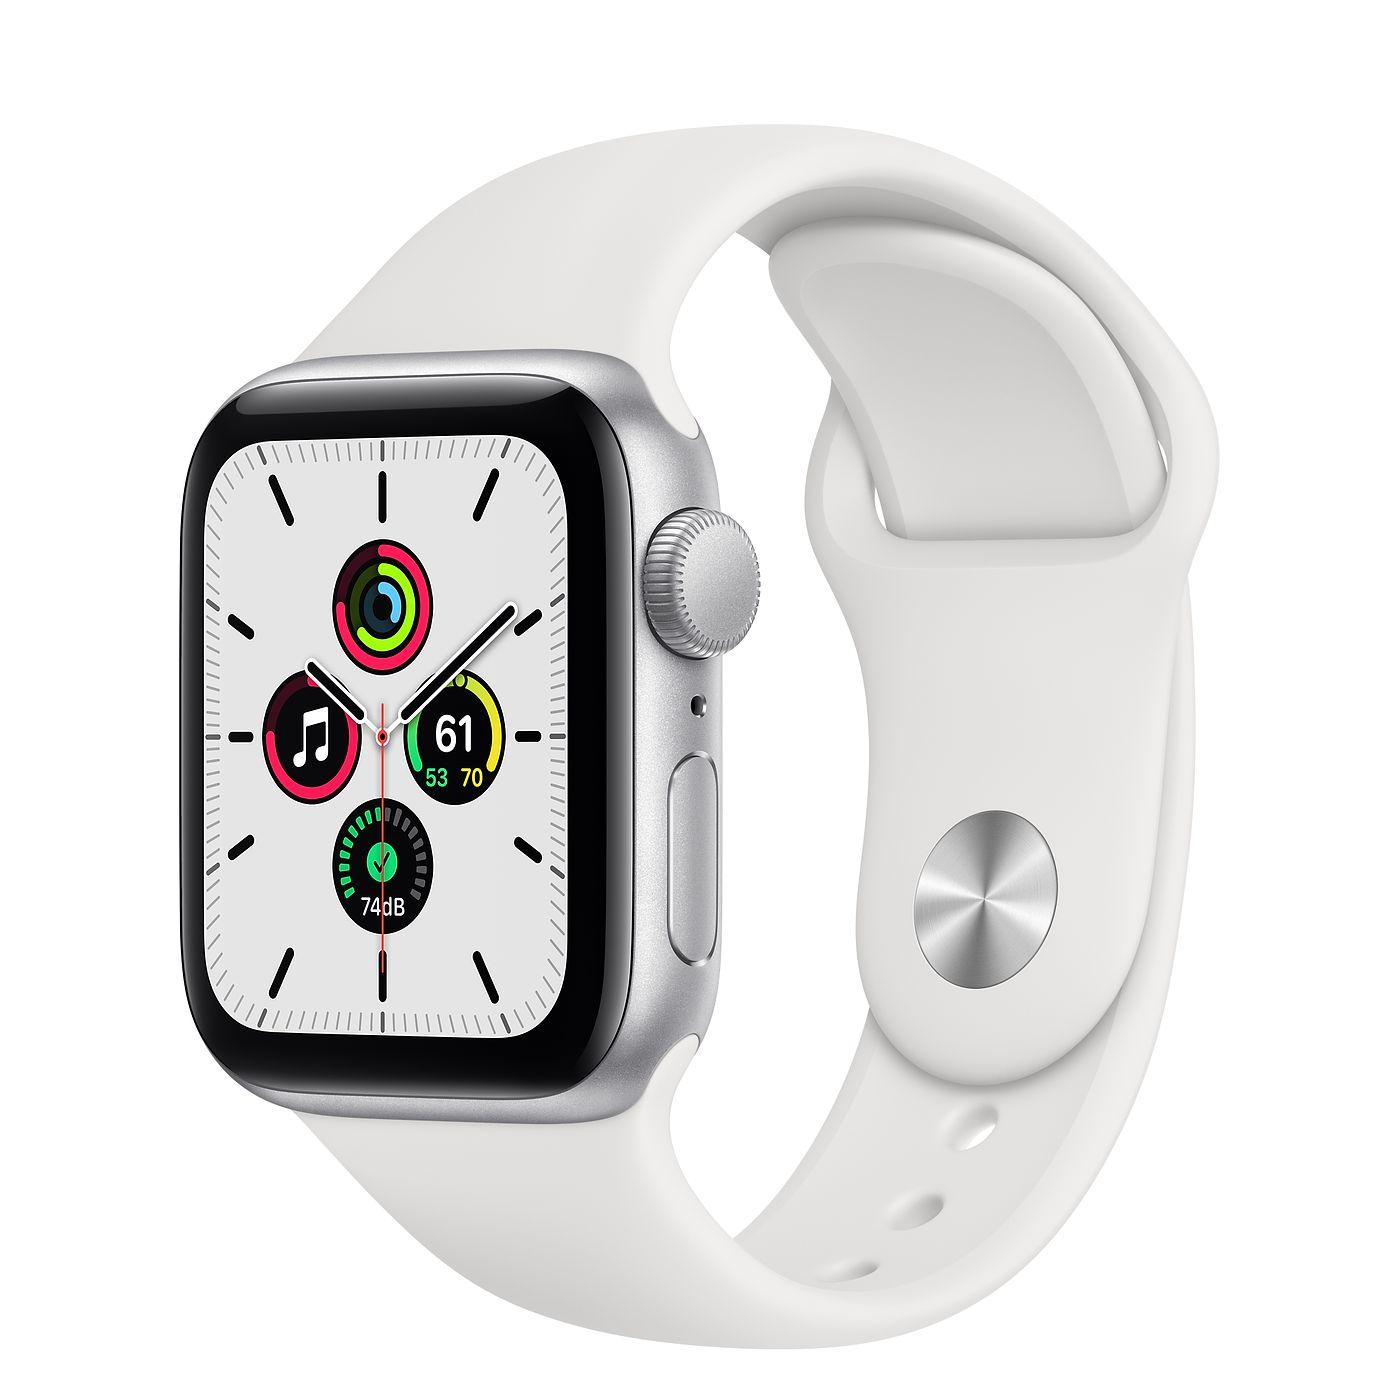 Apple 2020년 애플워치 SE, 40mm, GPS, 실버 알루미늄 케이스, 화이트 스포츠 밴드